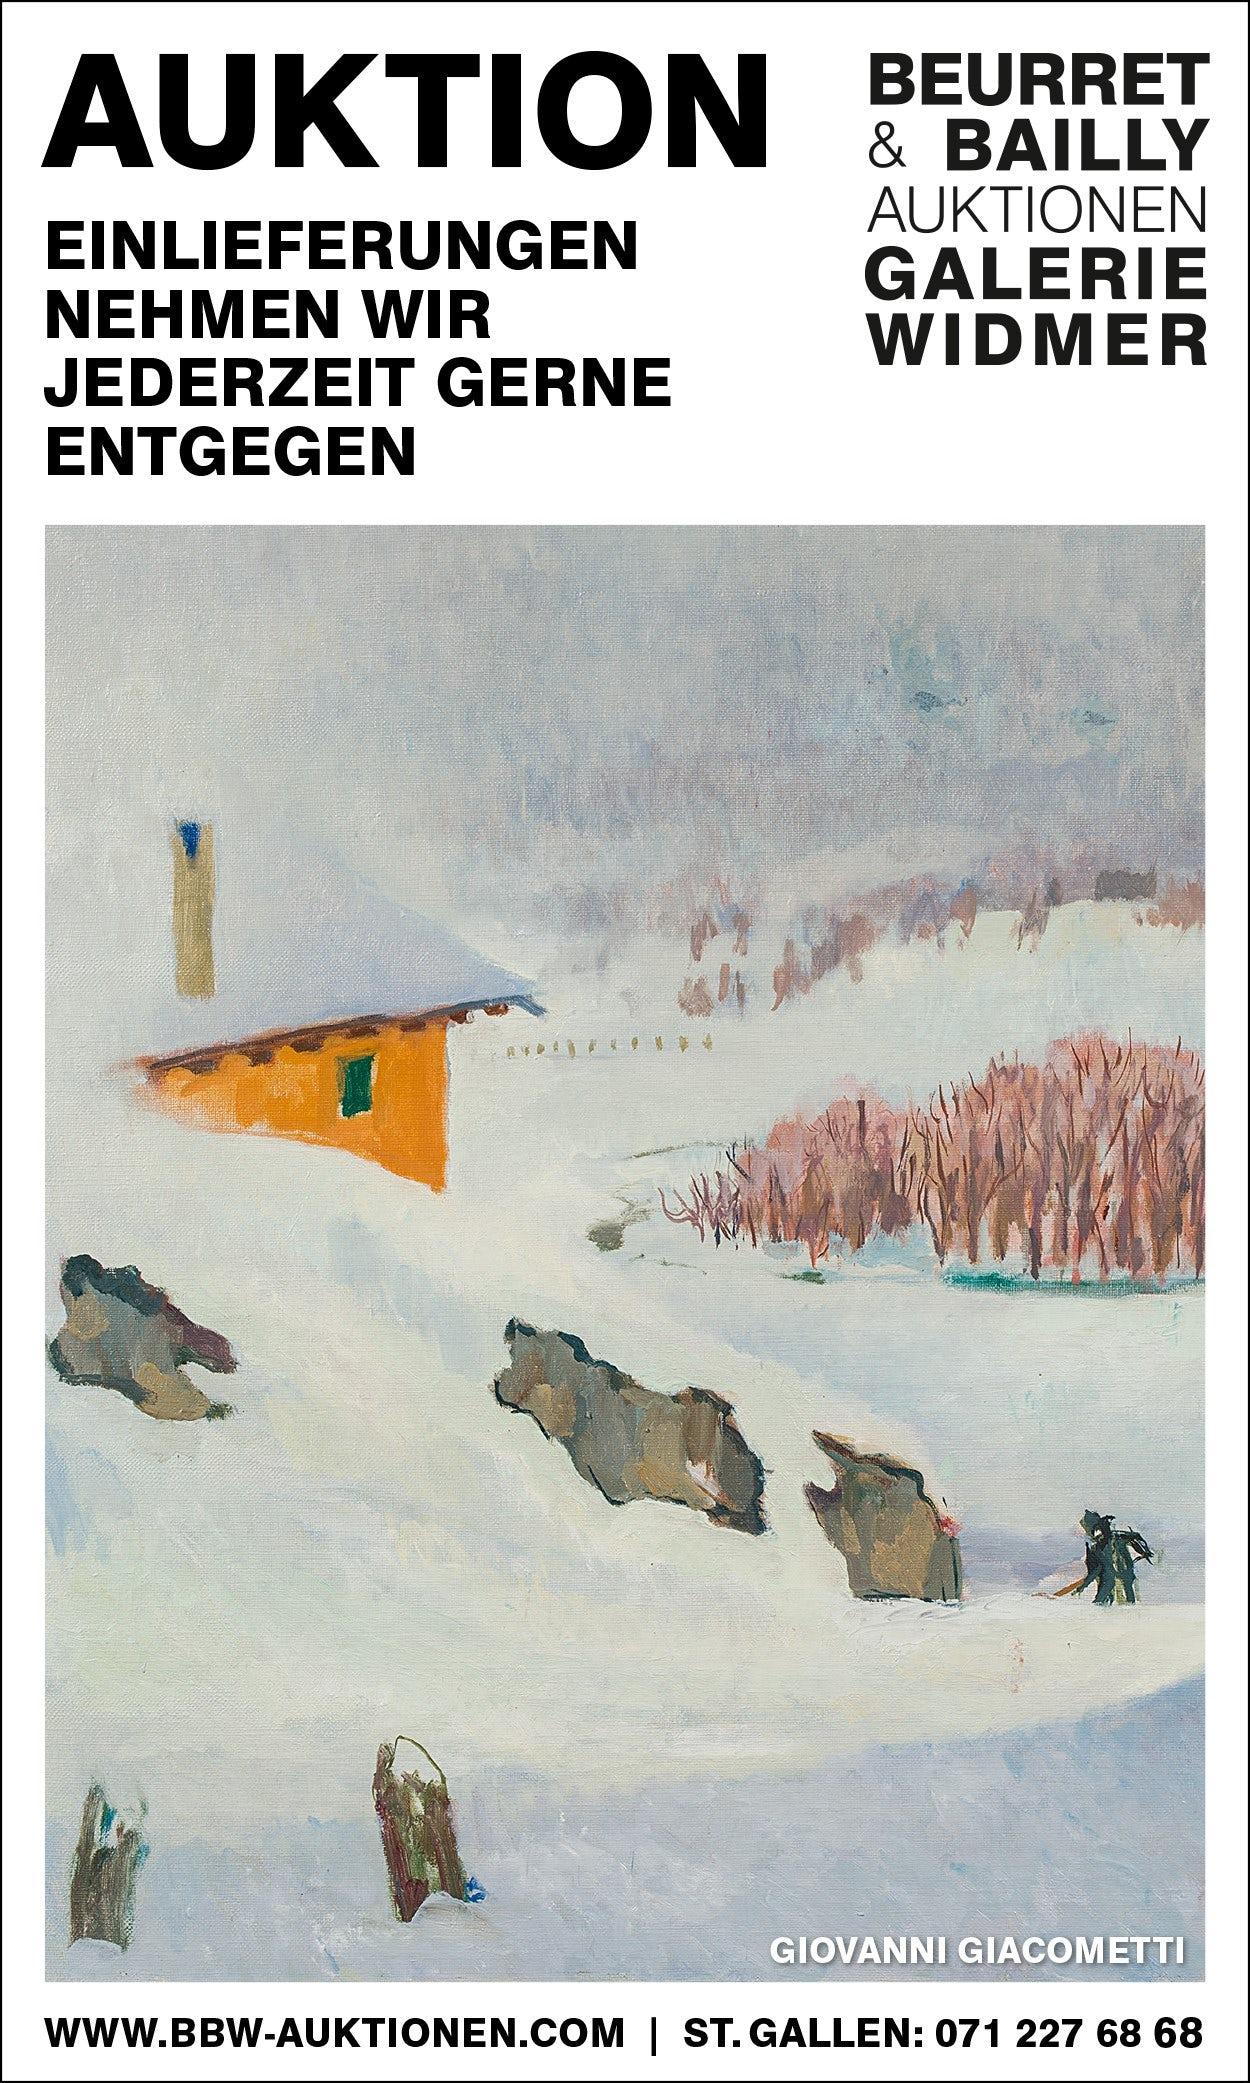 Beurret Bailly Widmer Auktionen AG - bis 8.11